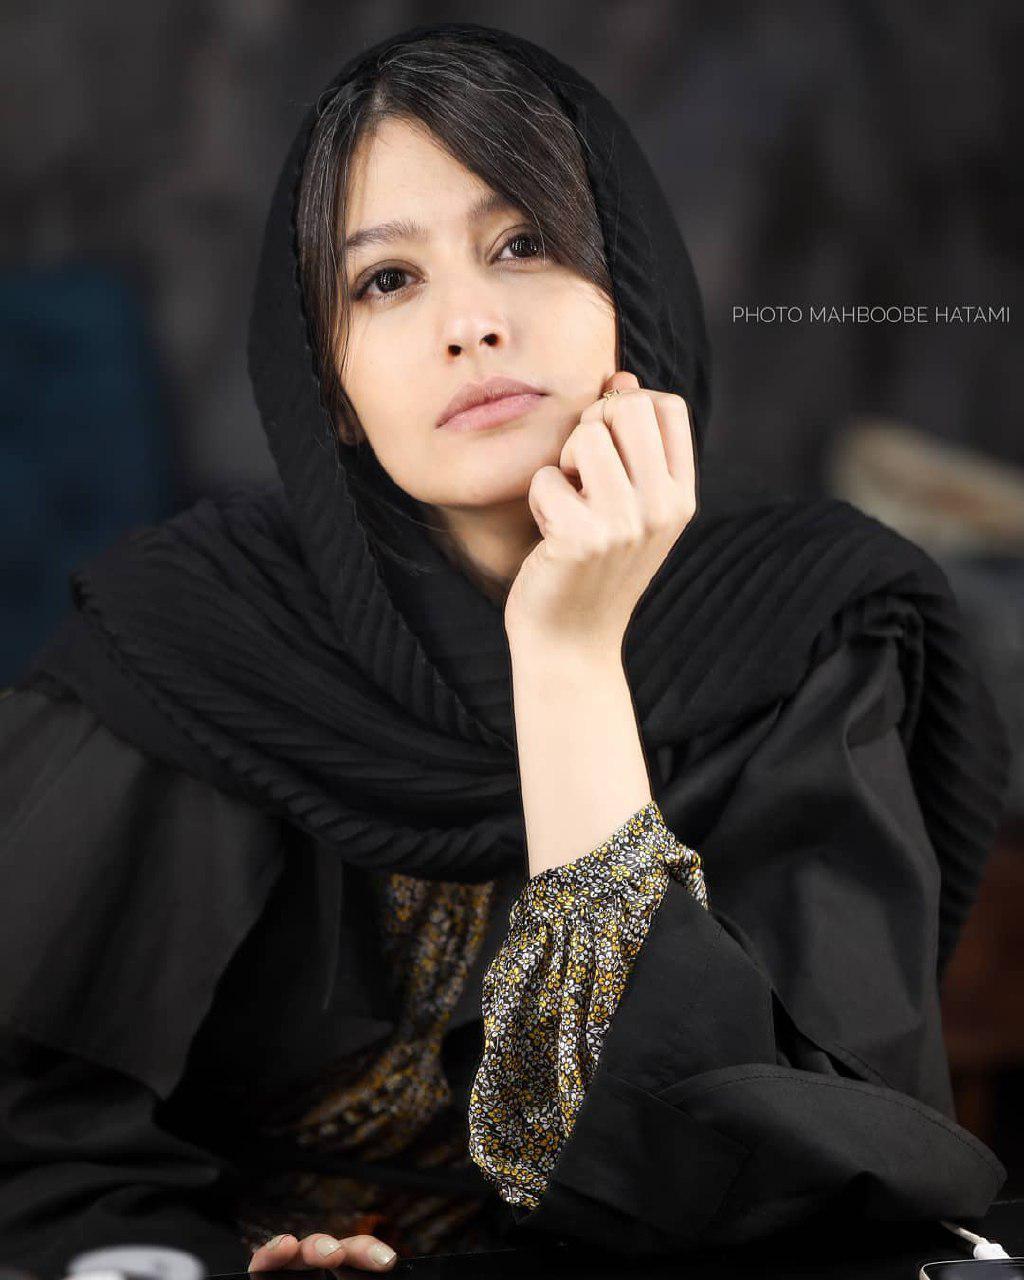 چهرهها/ پردیس احمدیه در مقابل لنز عکاس